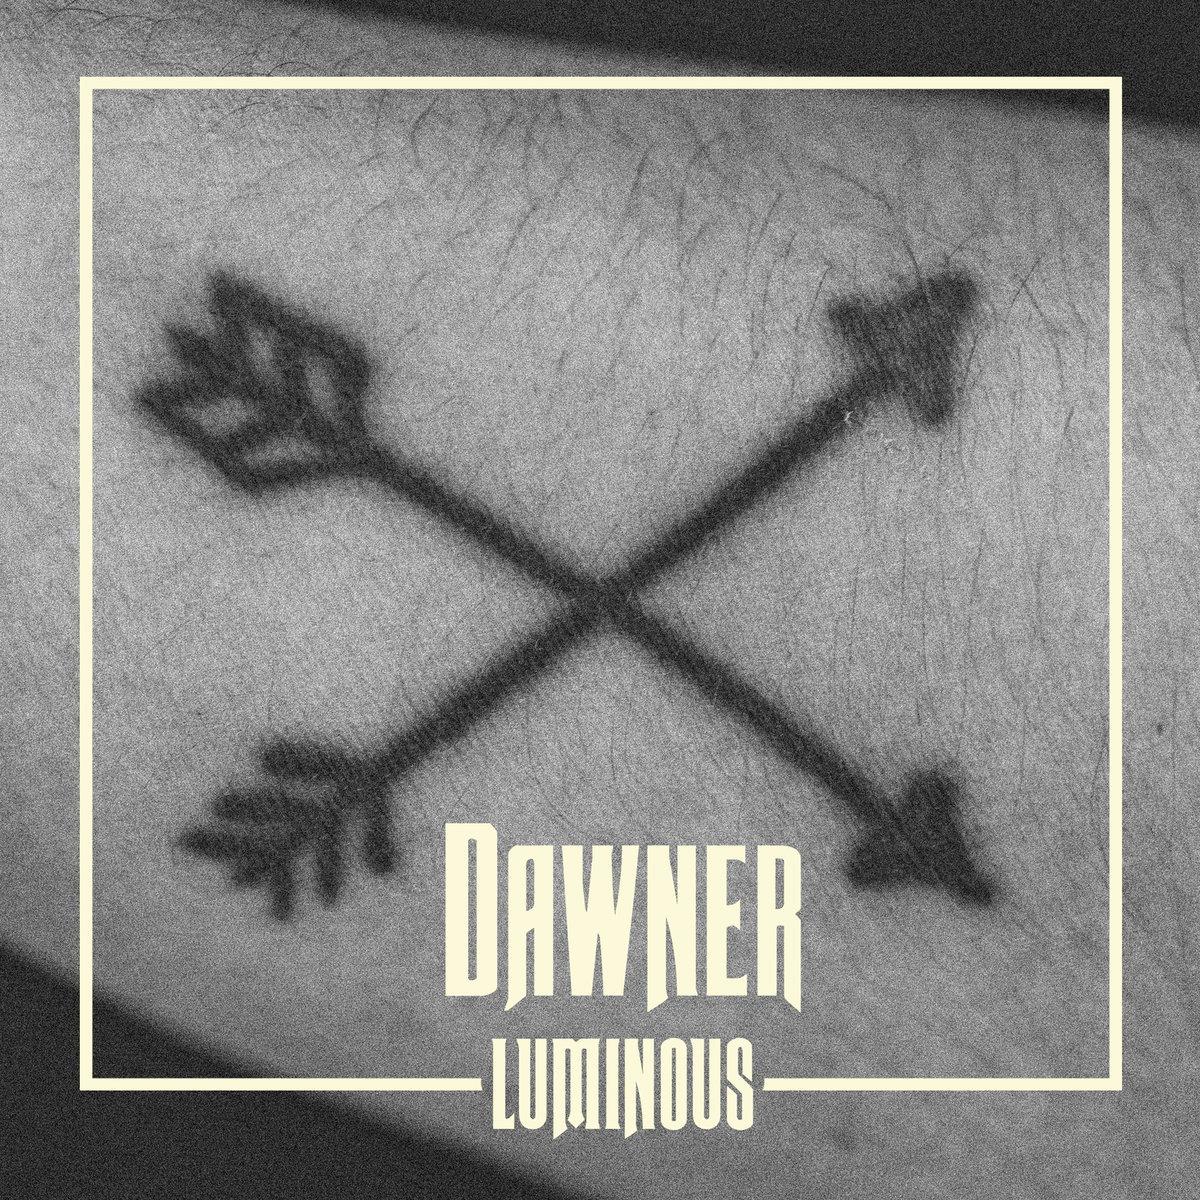 REVIEW: DAWNER – LUMINOUS